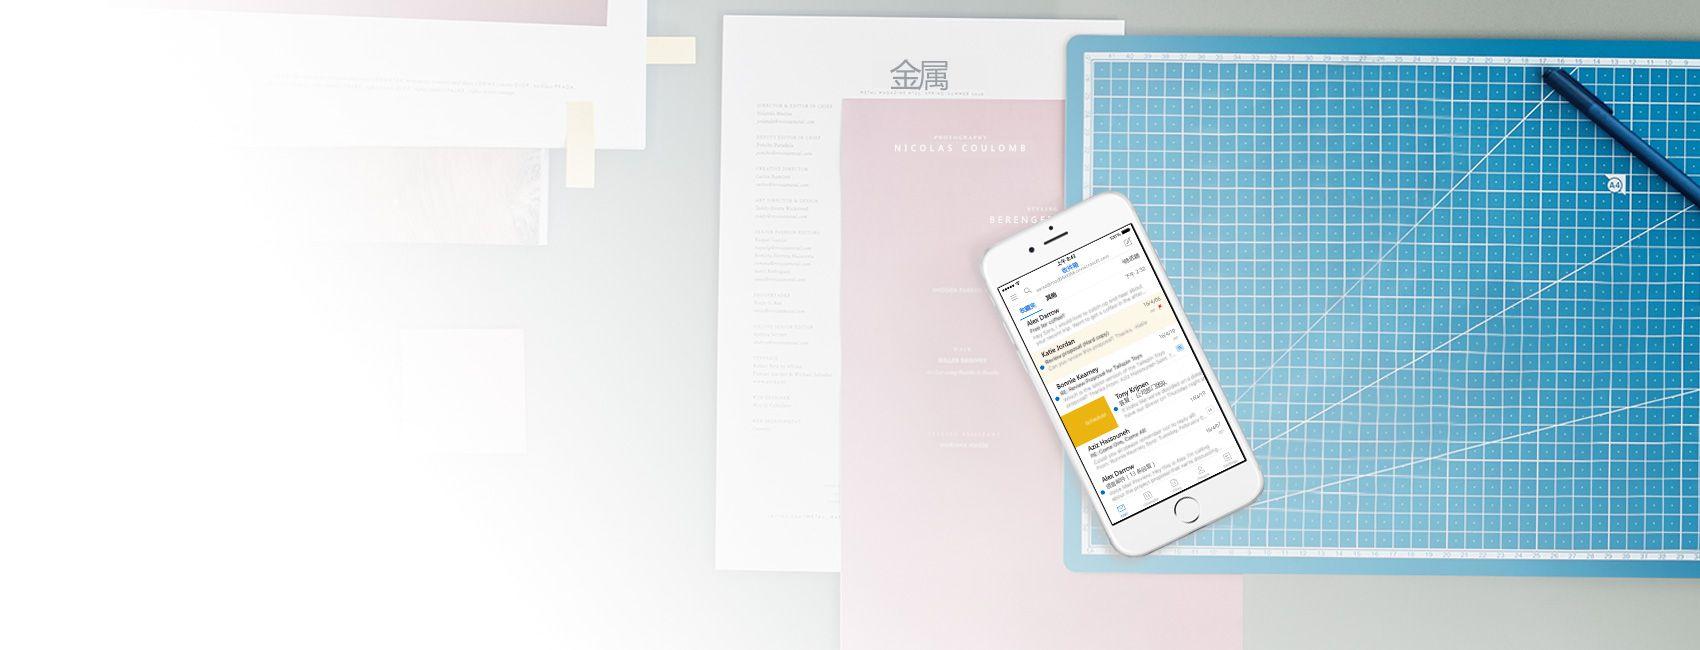 在 Outlook 应用中显示电子邮件收件箱的手机